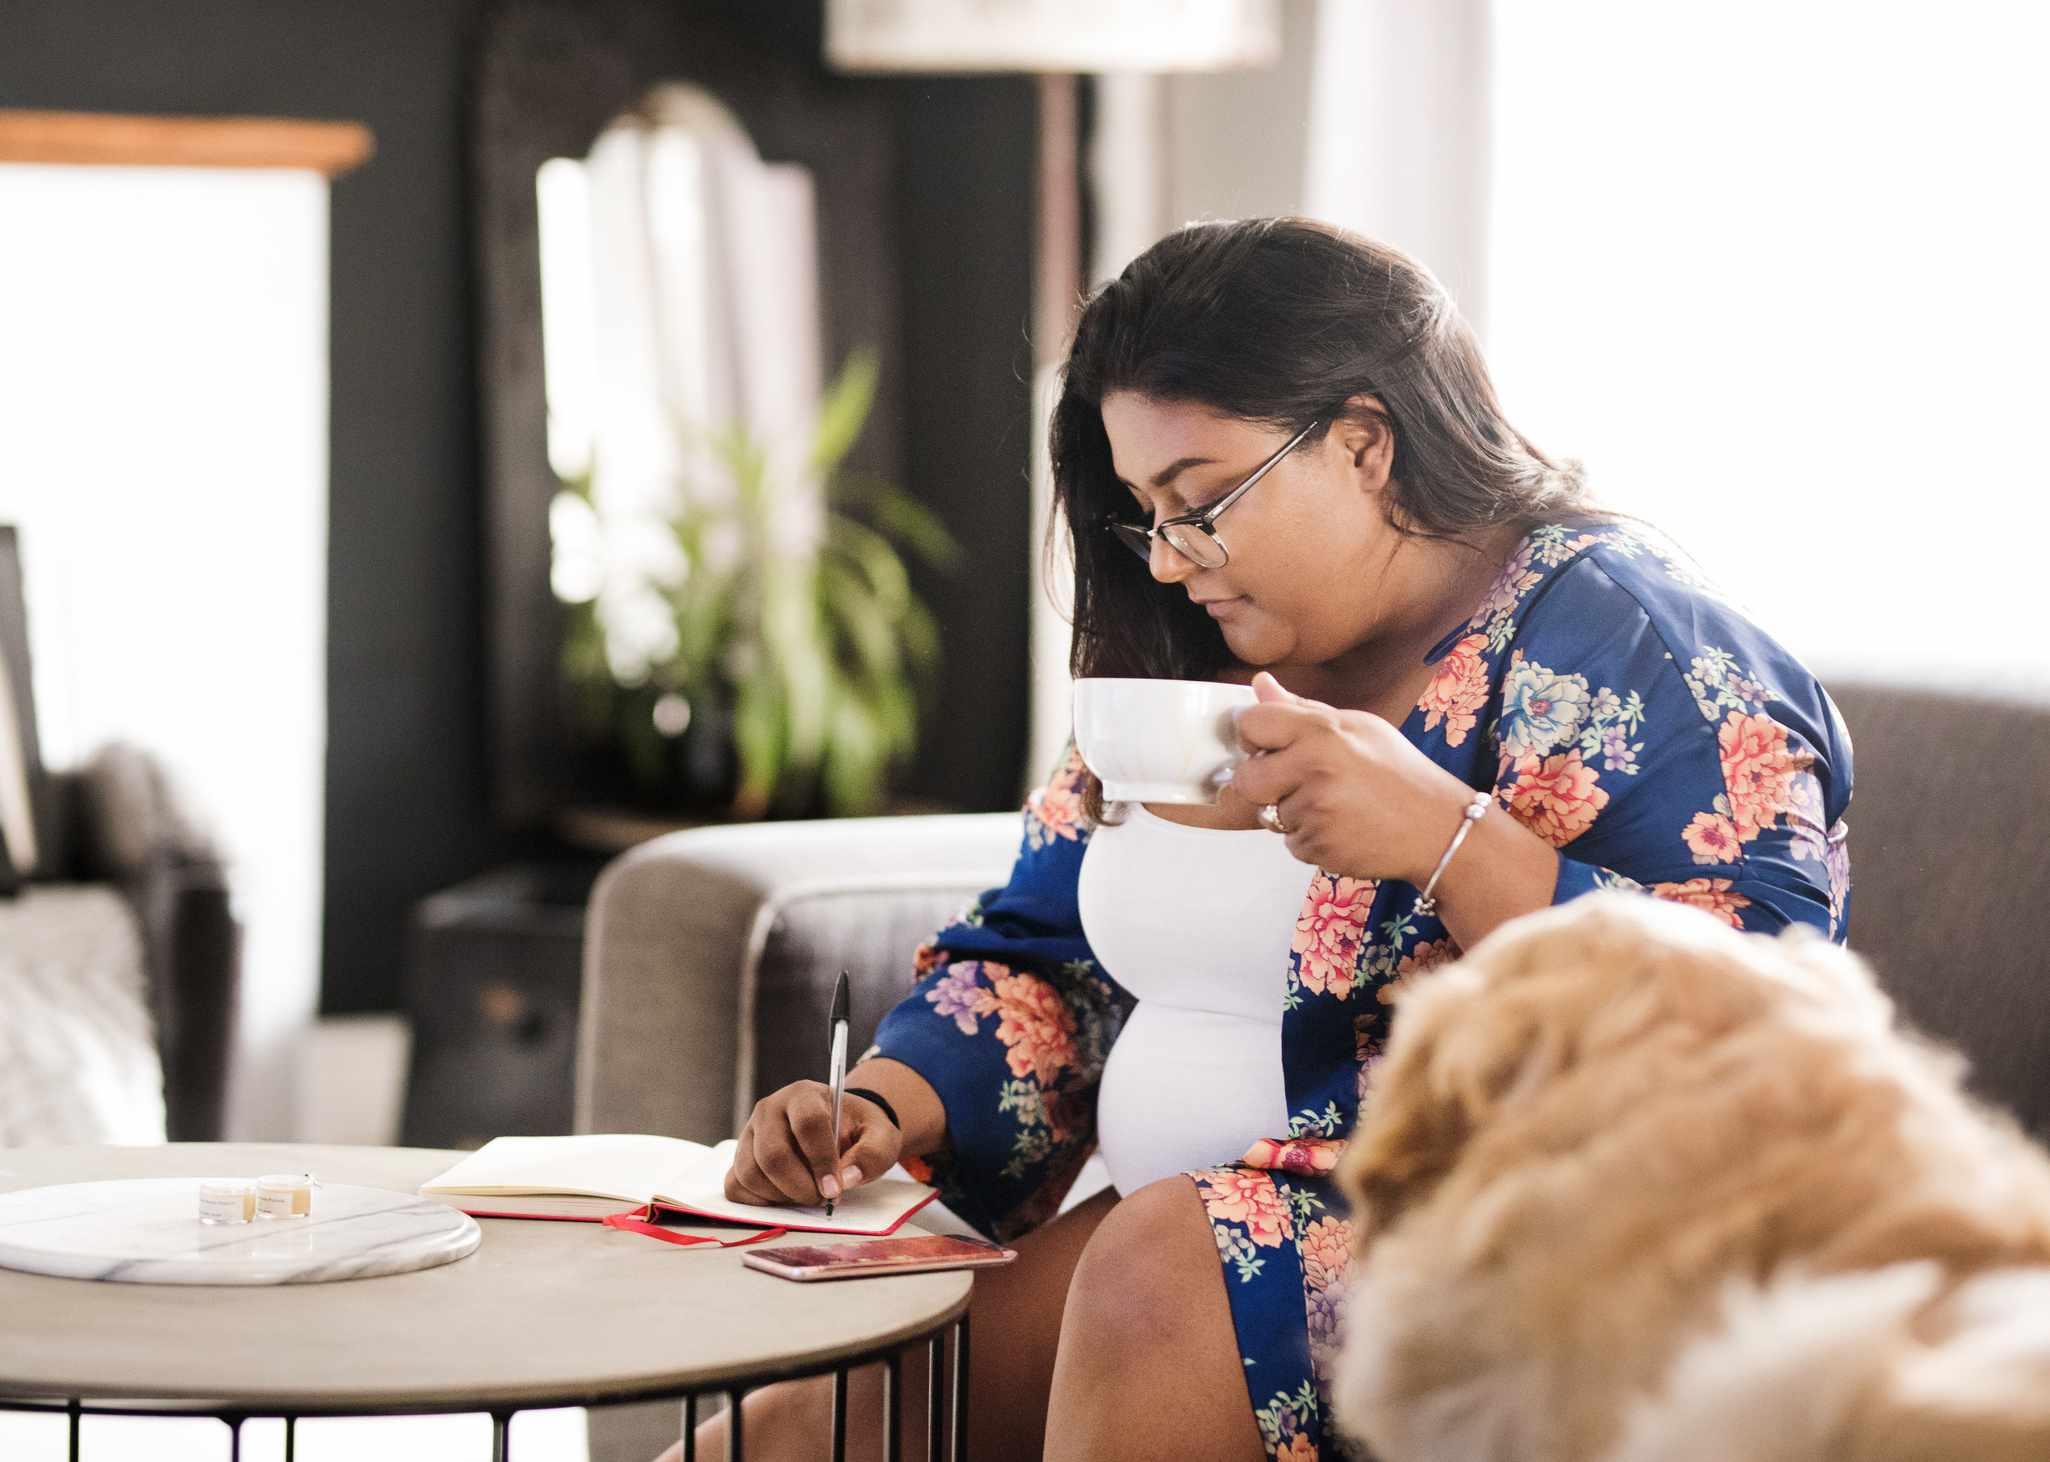 Woman writes in diary